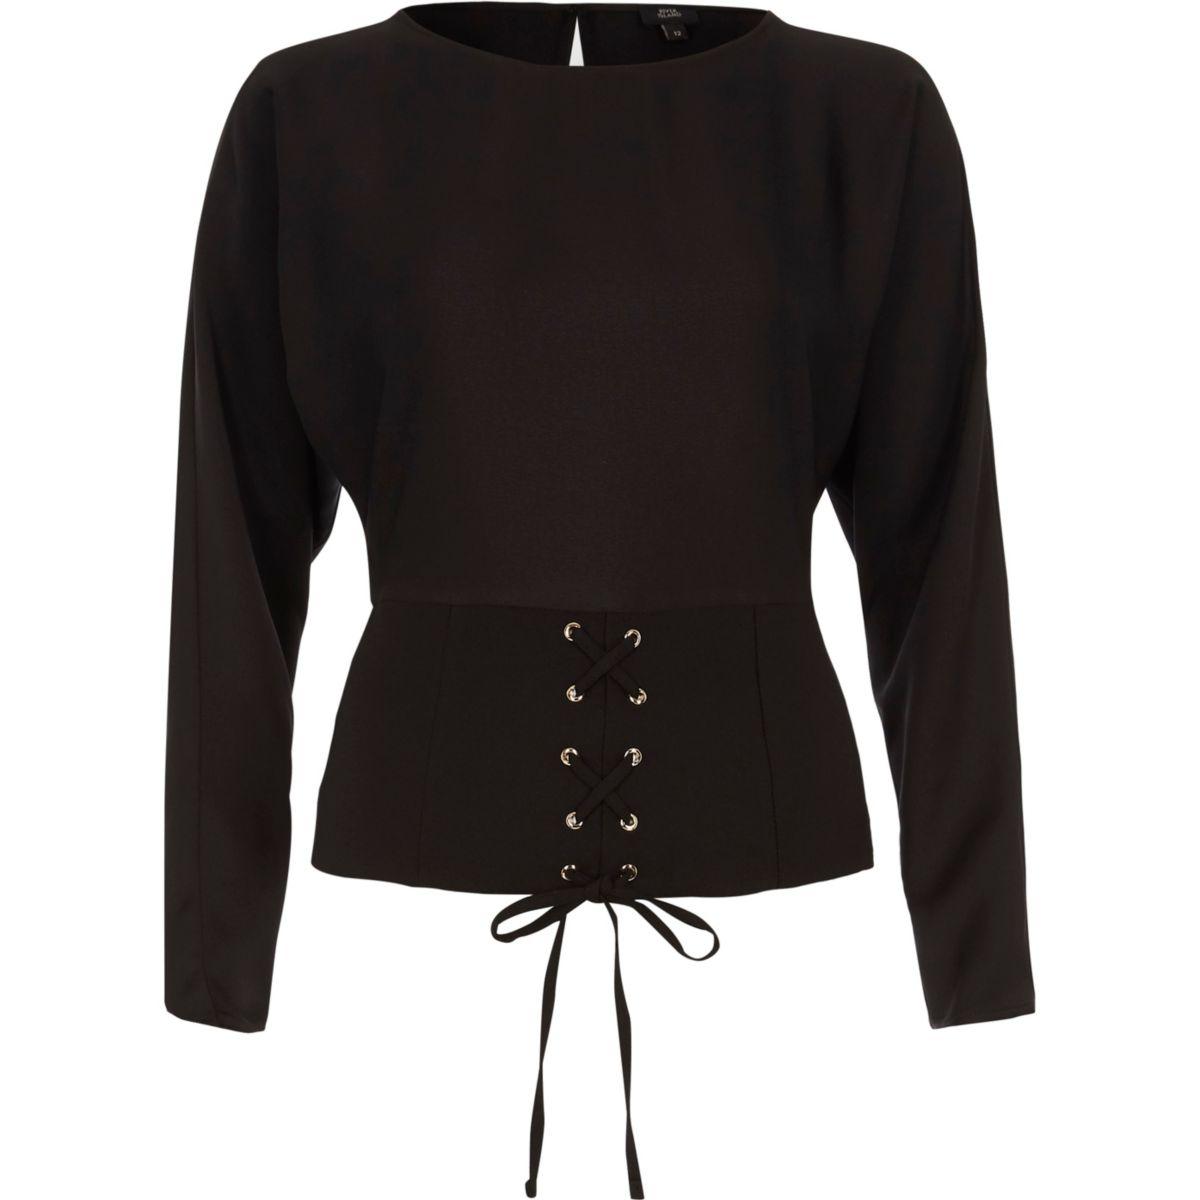 Zwarte top met lange mouwen en corsetdetail voor